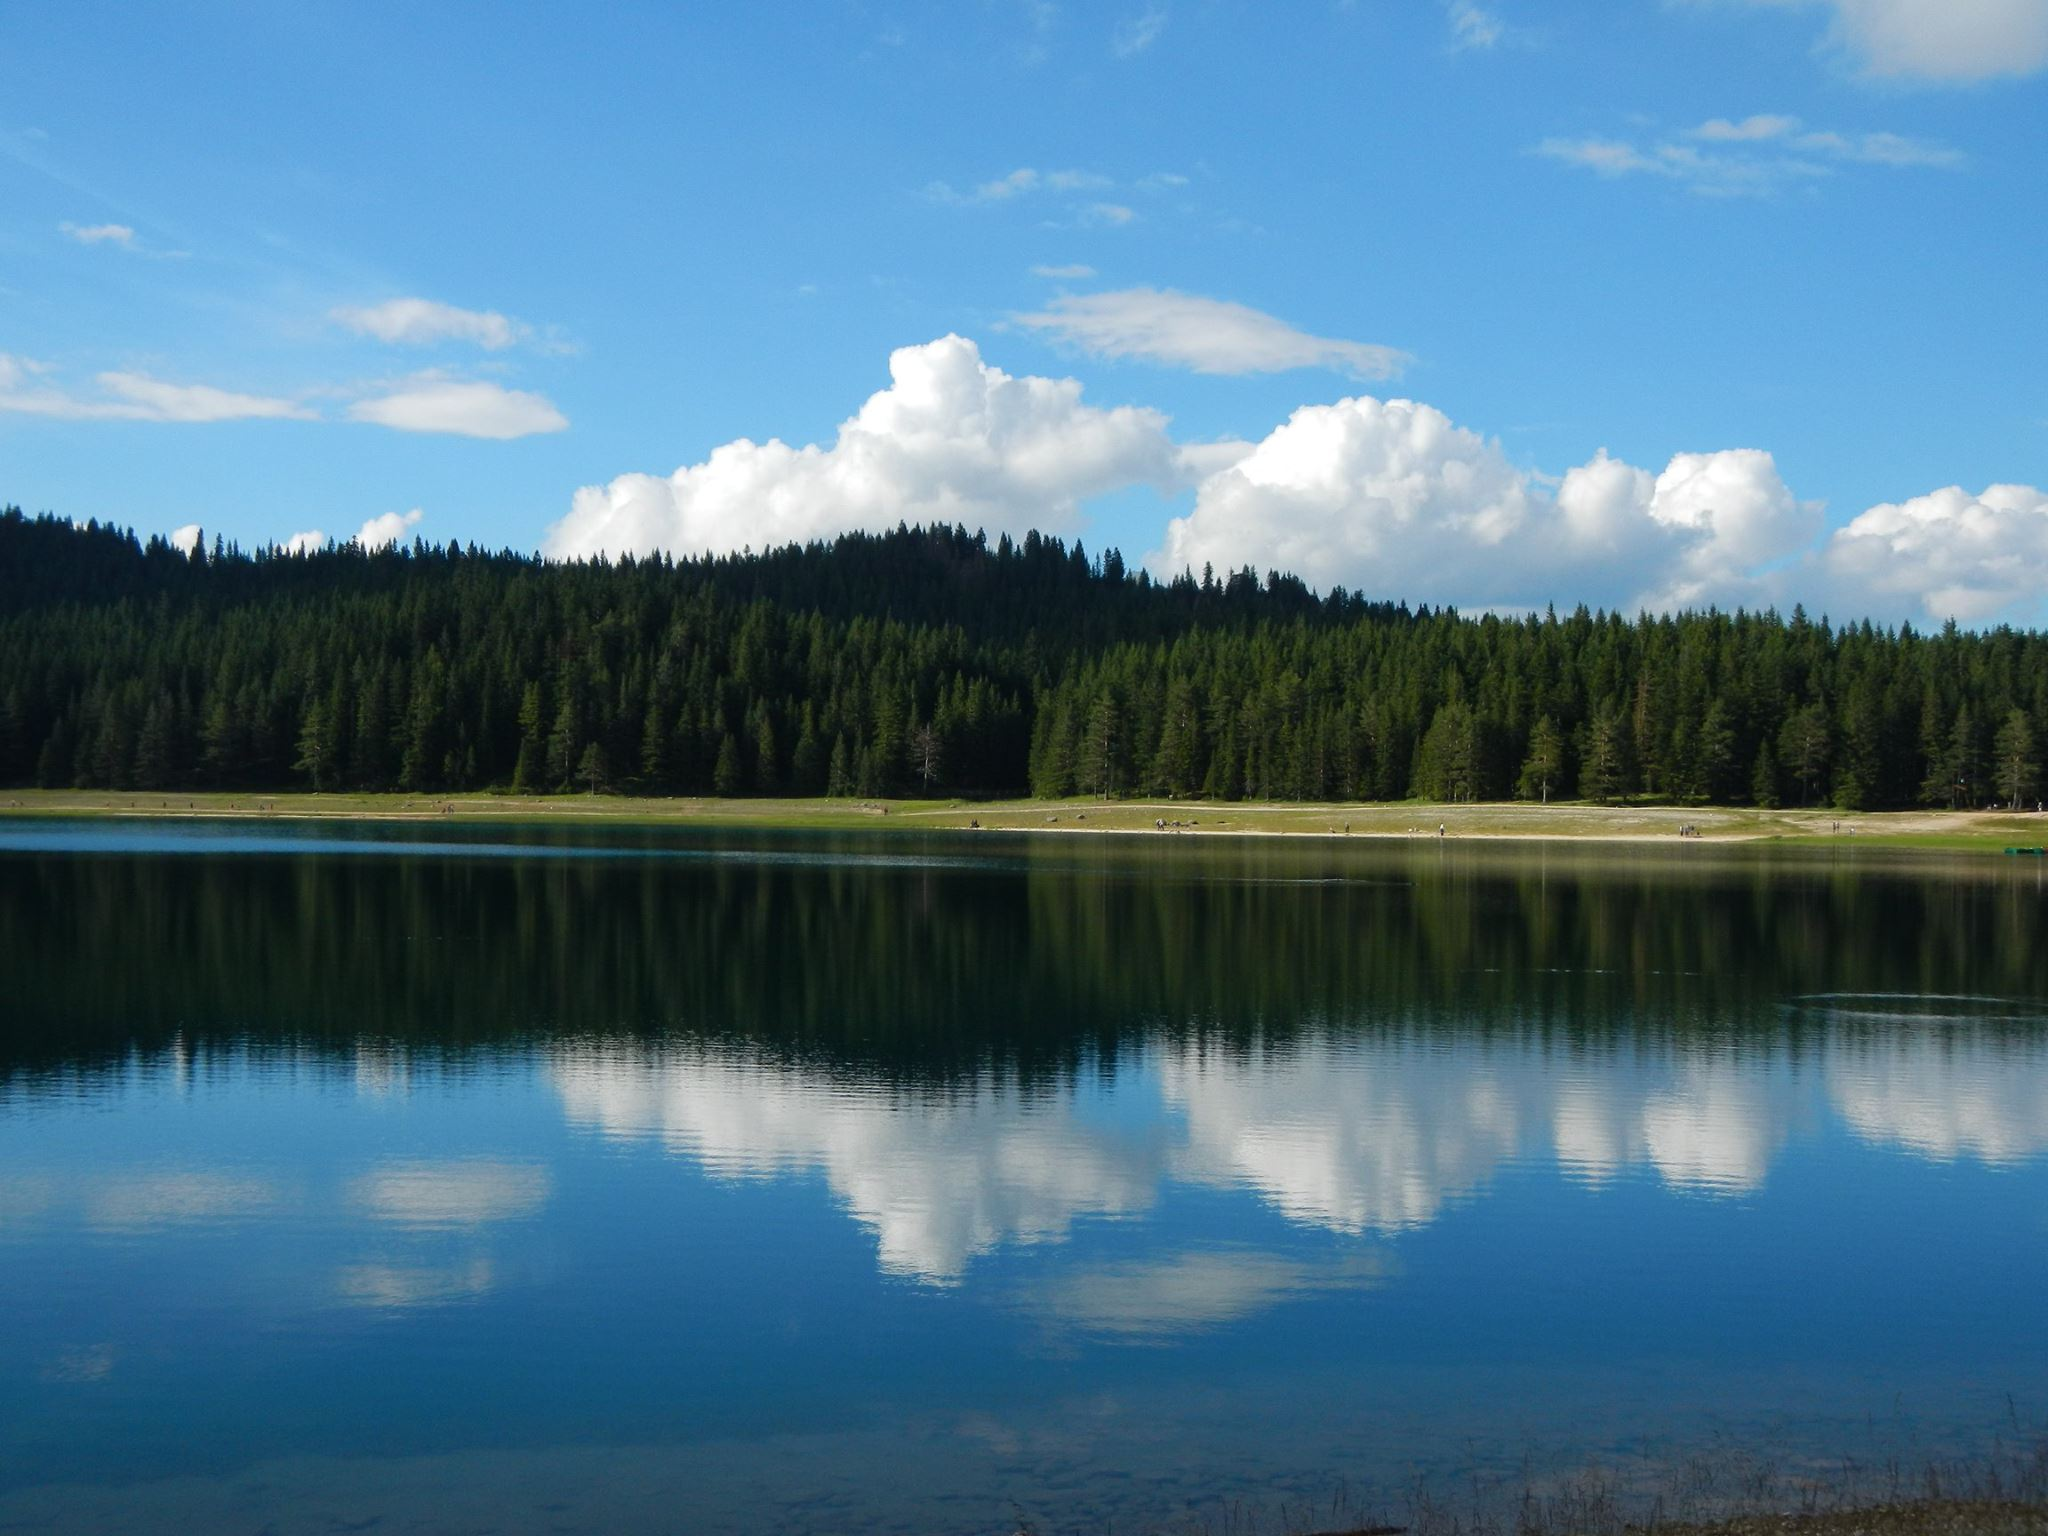 Prozirno čista voda. Foto: Mirjana Vasiljević.